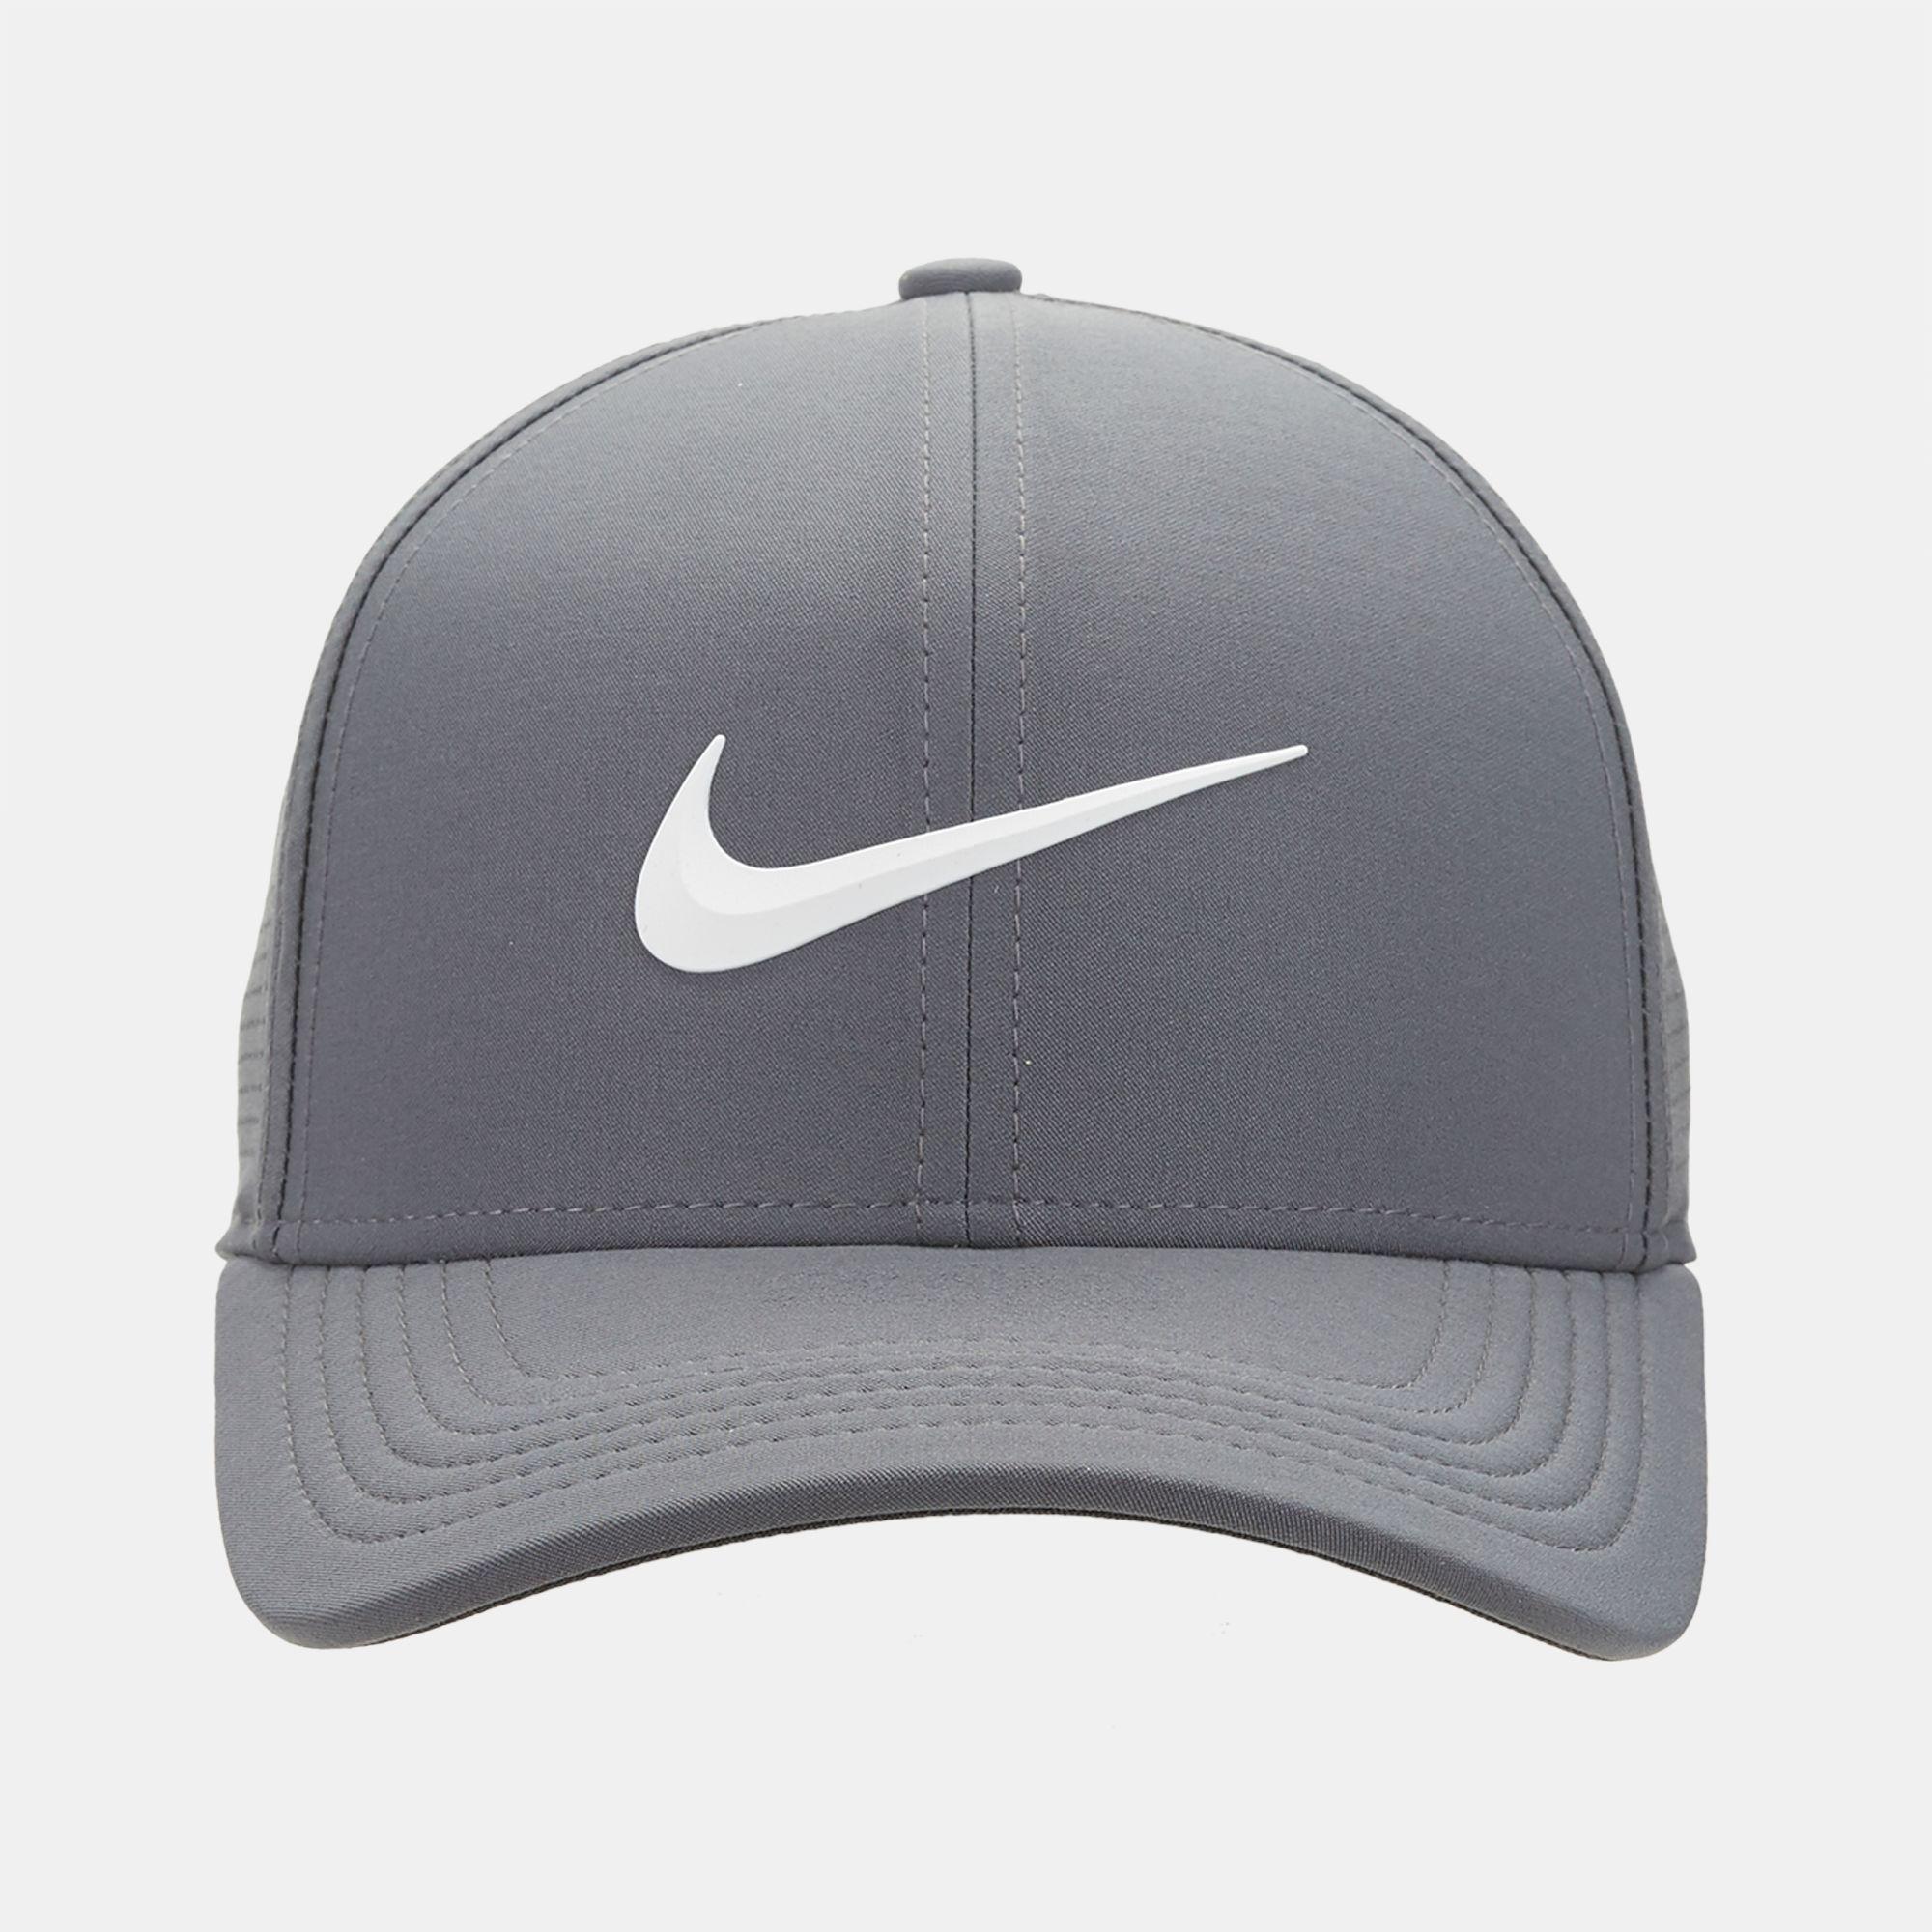 Shop Grey Nike Golf Aerobill Classic 99 Cap for Unisex by Nike Golf ... 345dba496a0